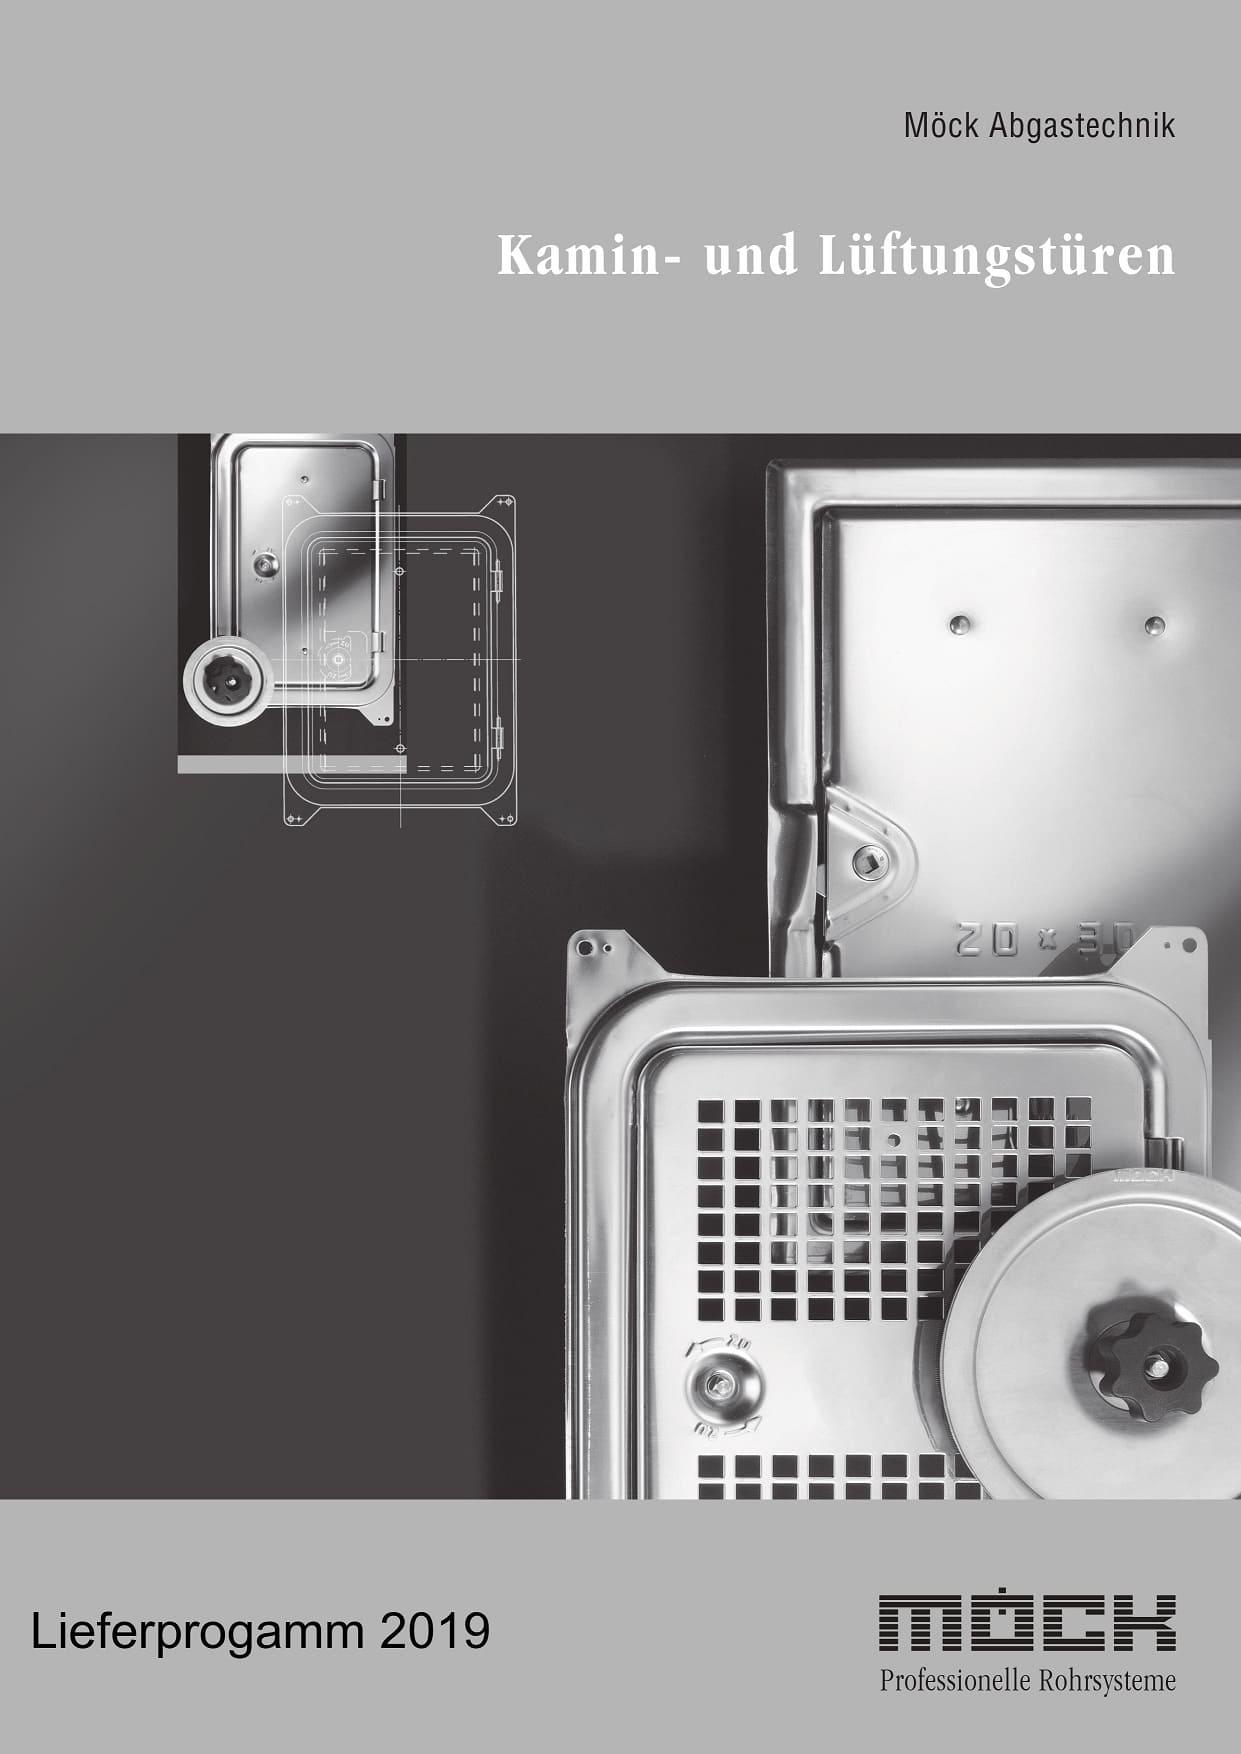 Lieferprogramm Kamin- und Lüftungstüren (Deutsch, 2019)